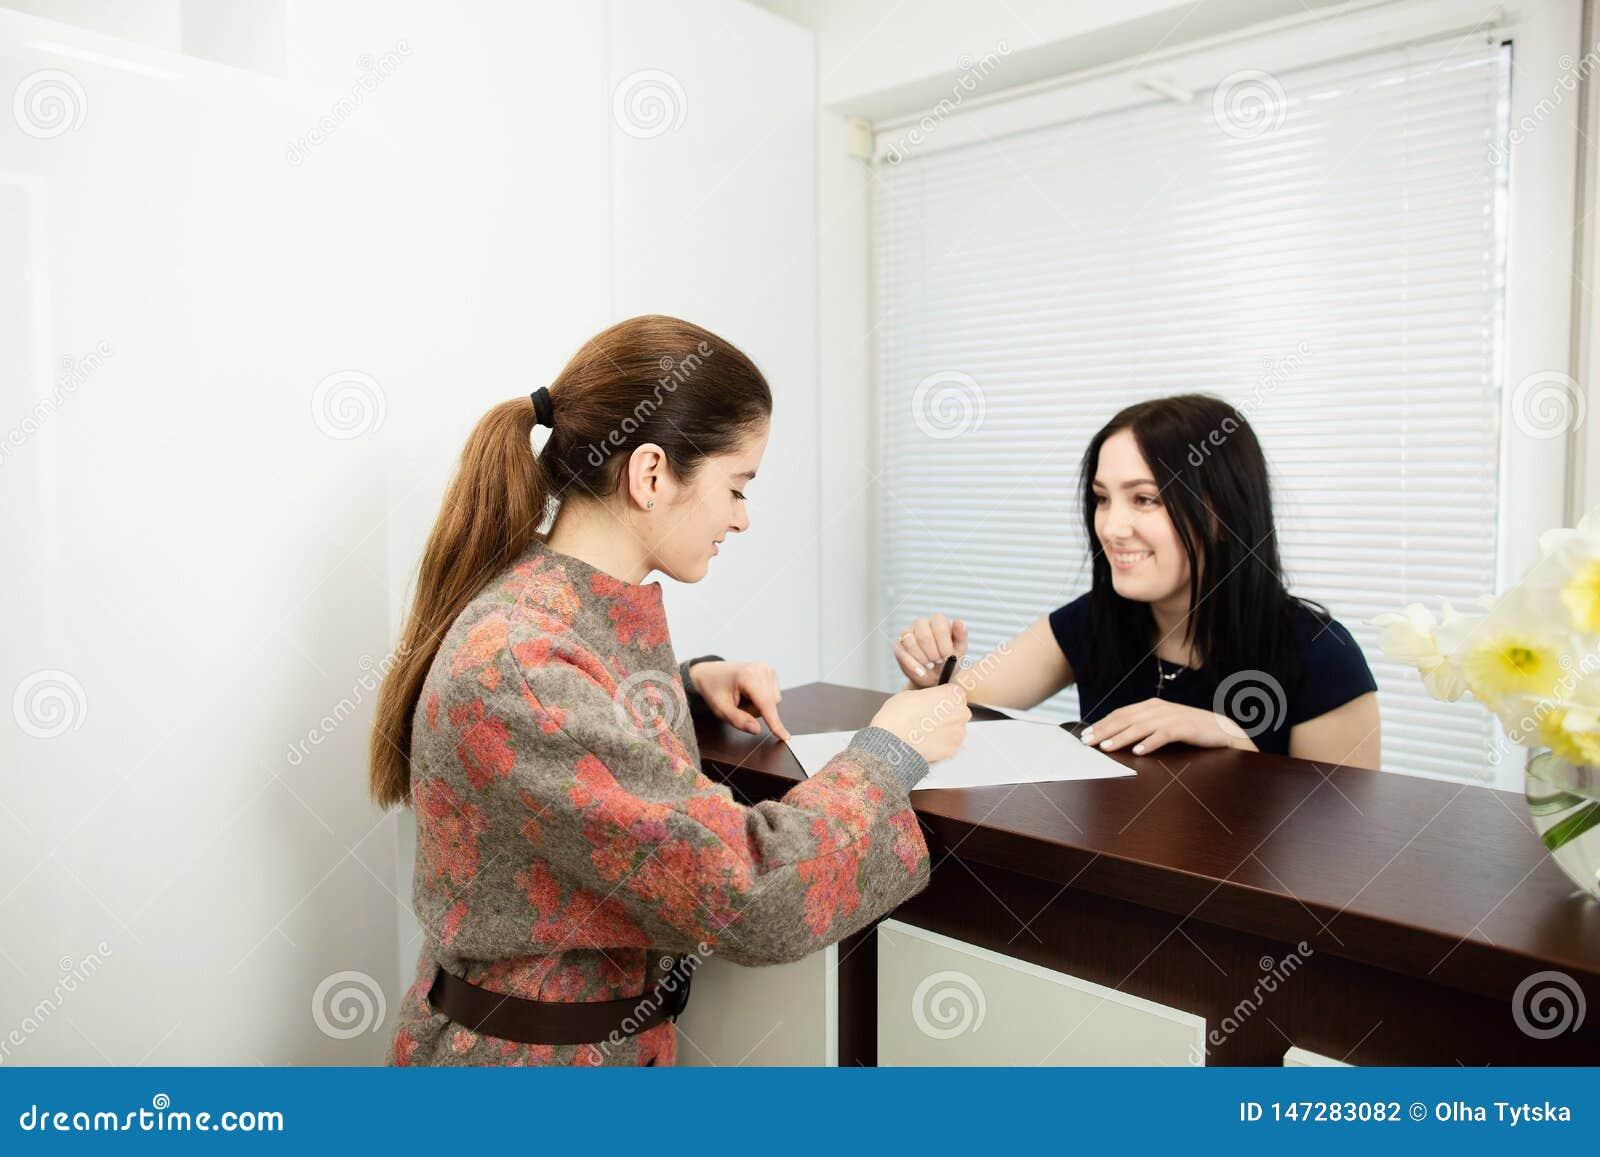 Verwalter der jungen Frau in einer zahnmedizinischen Klinik an dem Arbeitsplatz Aufnahme des Kunden